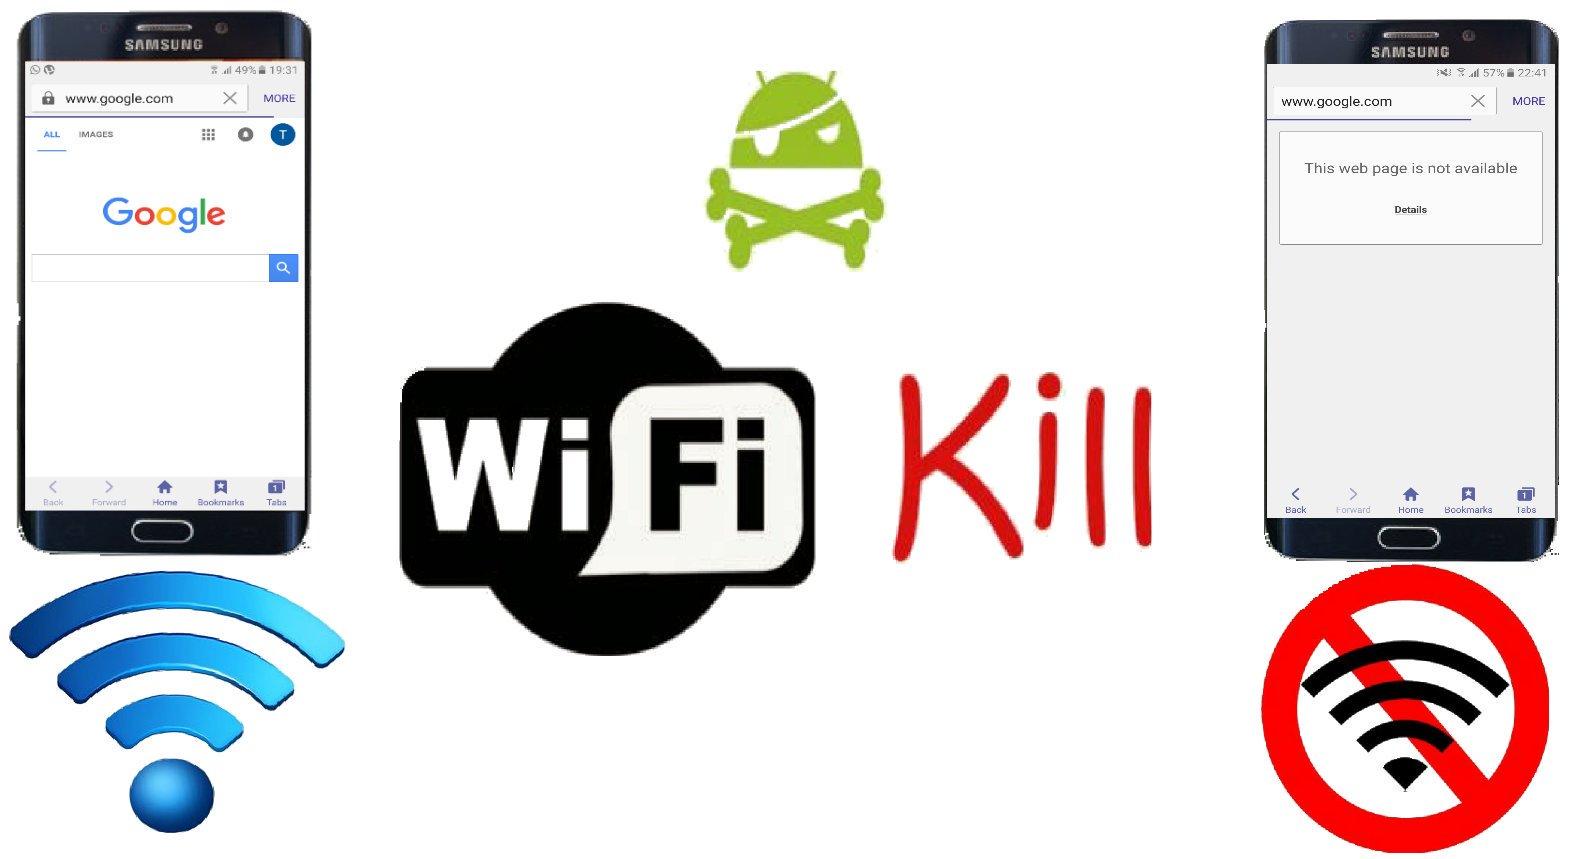 قطع النت عن الاجهزة المتصلة على نفس شبكة wifi